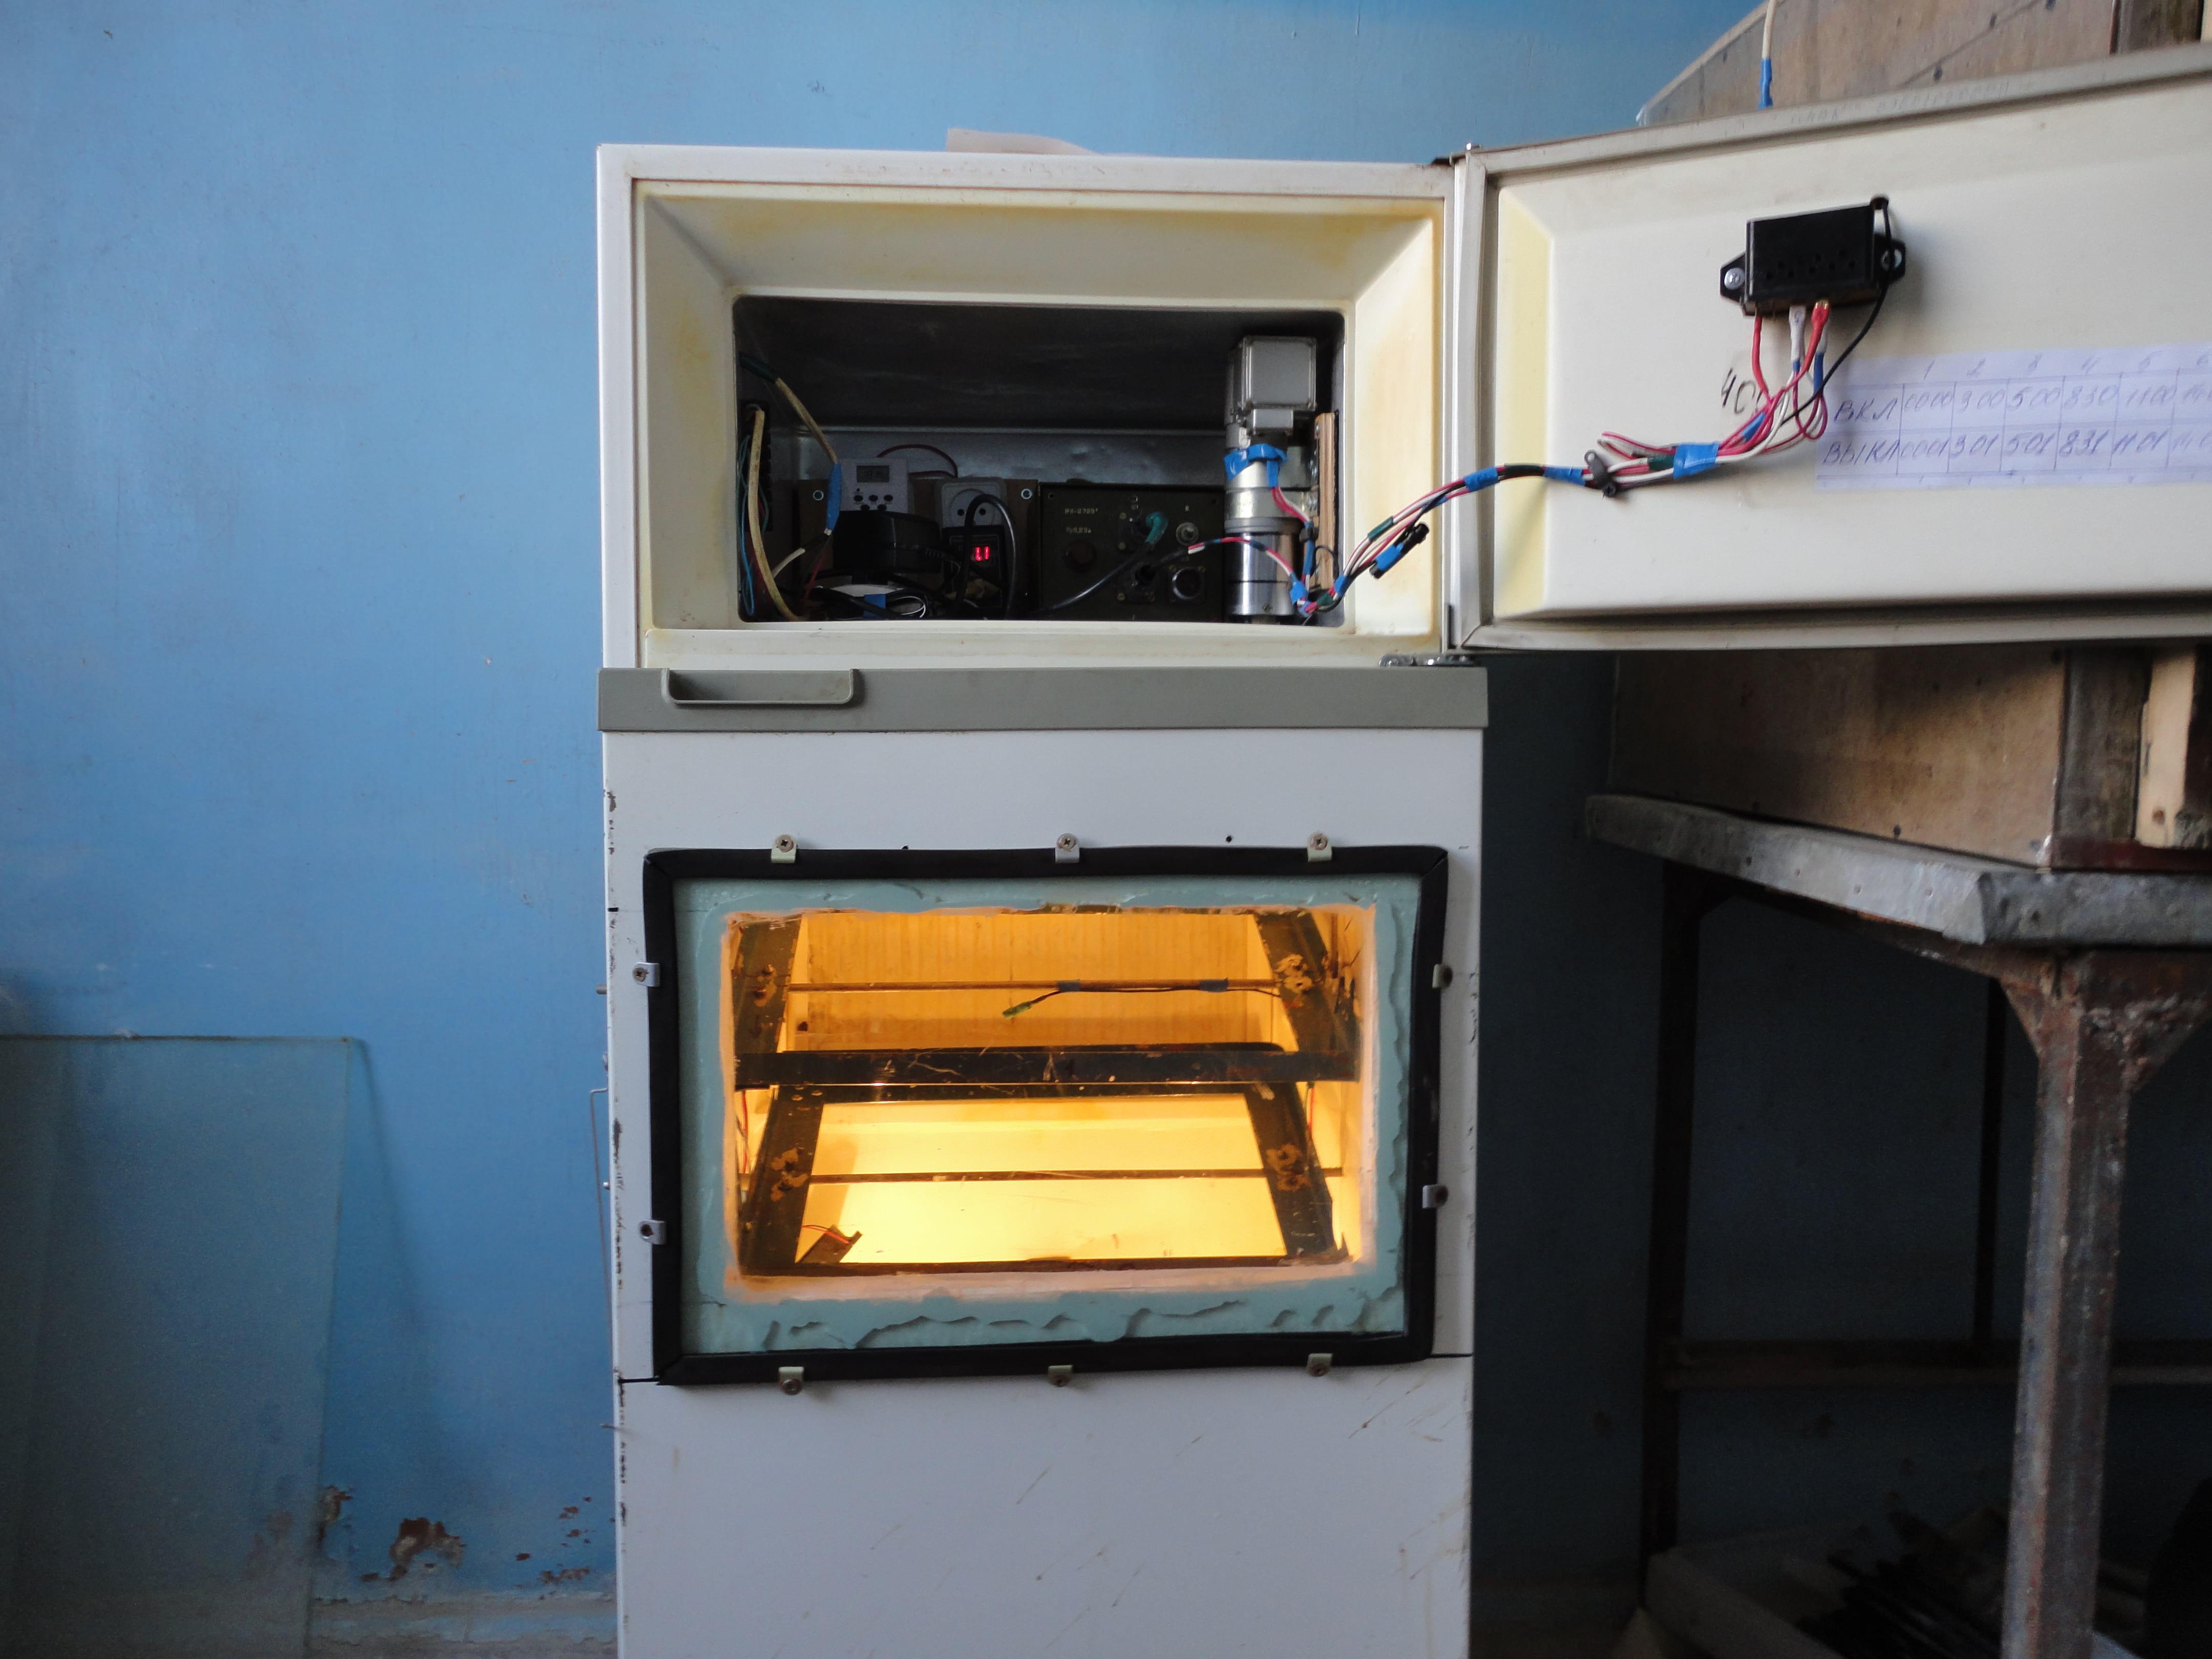 Инкубатор из холодильника: пошаговая инструкция, фото- и 3